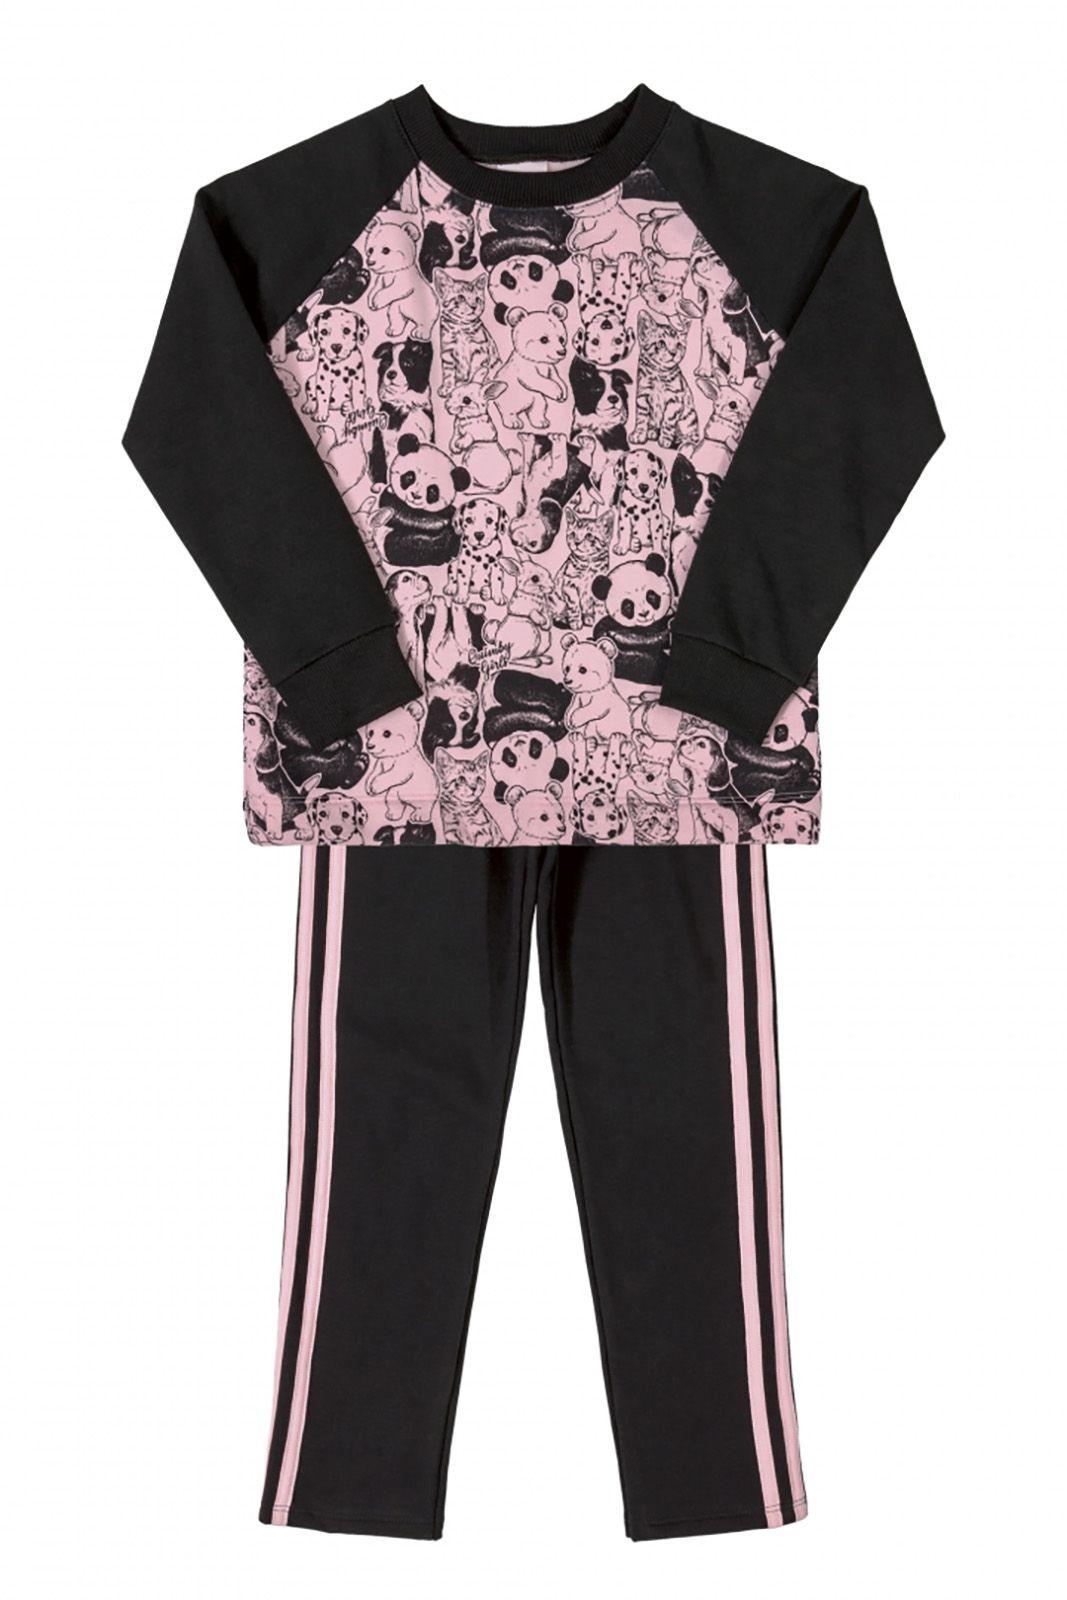 Conjunto blusão em moletom e legging em molecotton Quimby Panda rosa preto